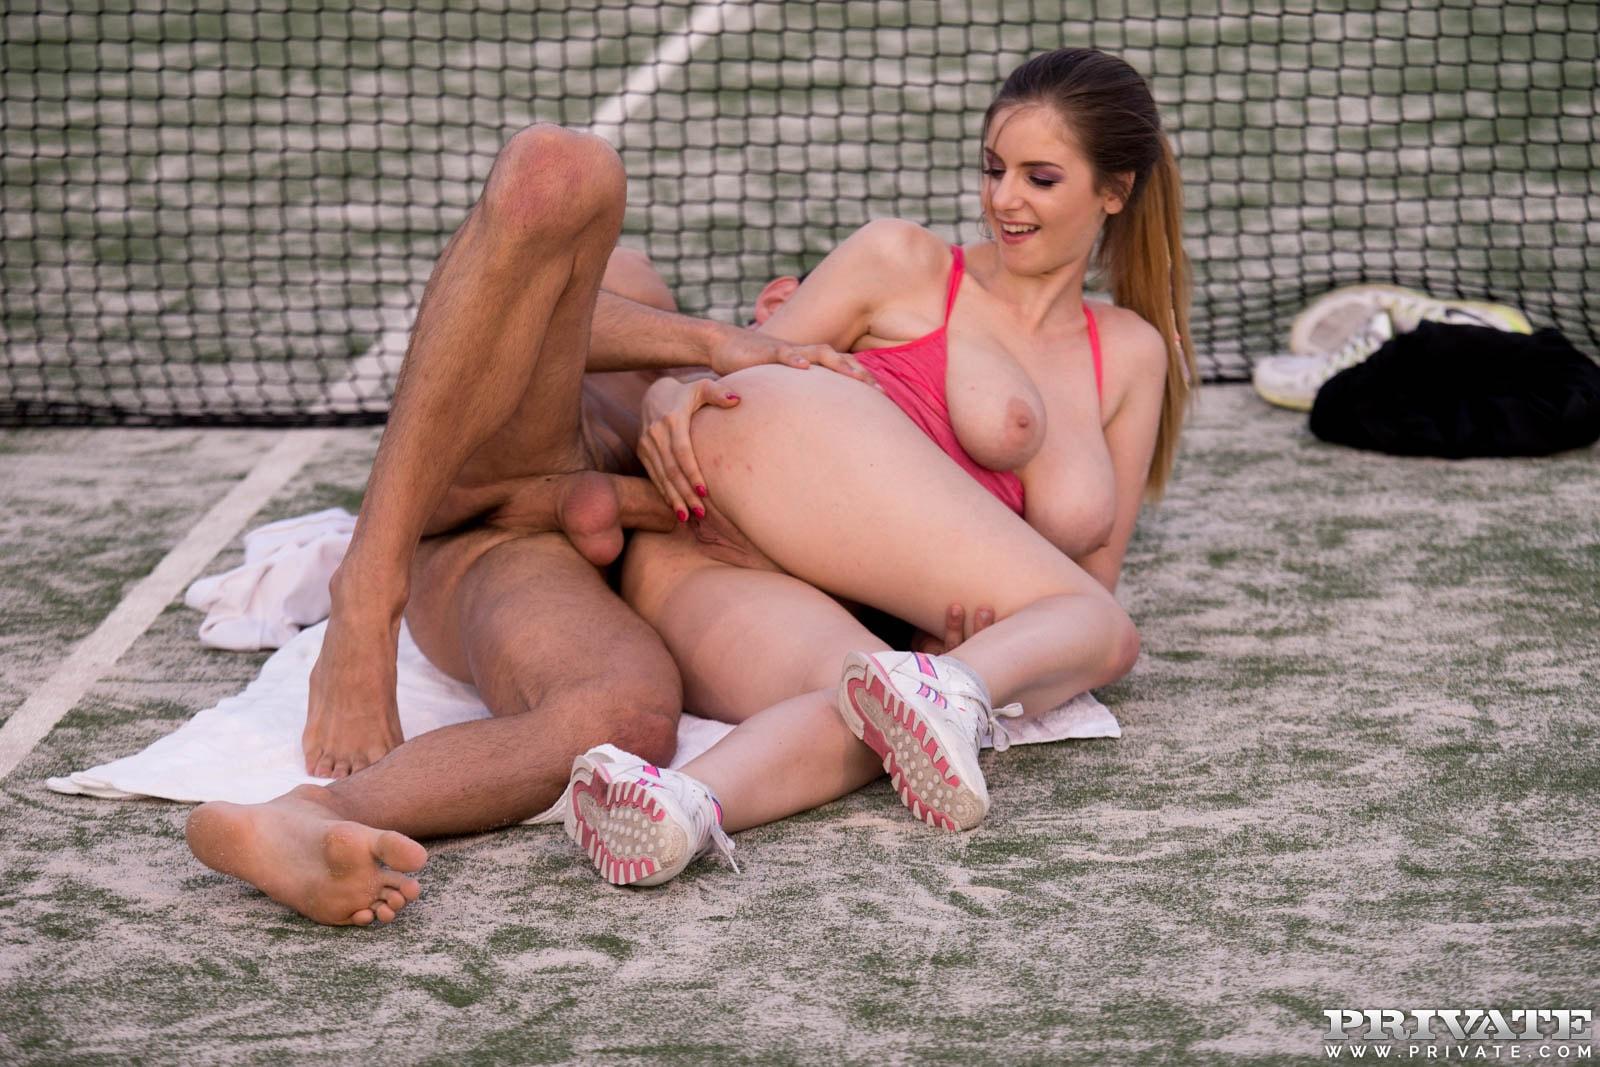 Теннис спорт порно, Спортсменки смотреть порно видео онлайн, бесплатные 23 фотография